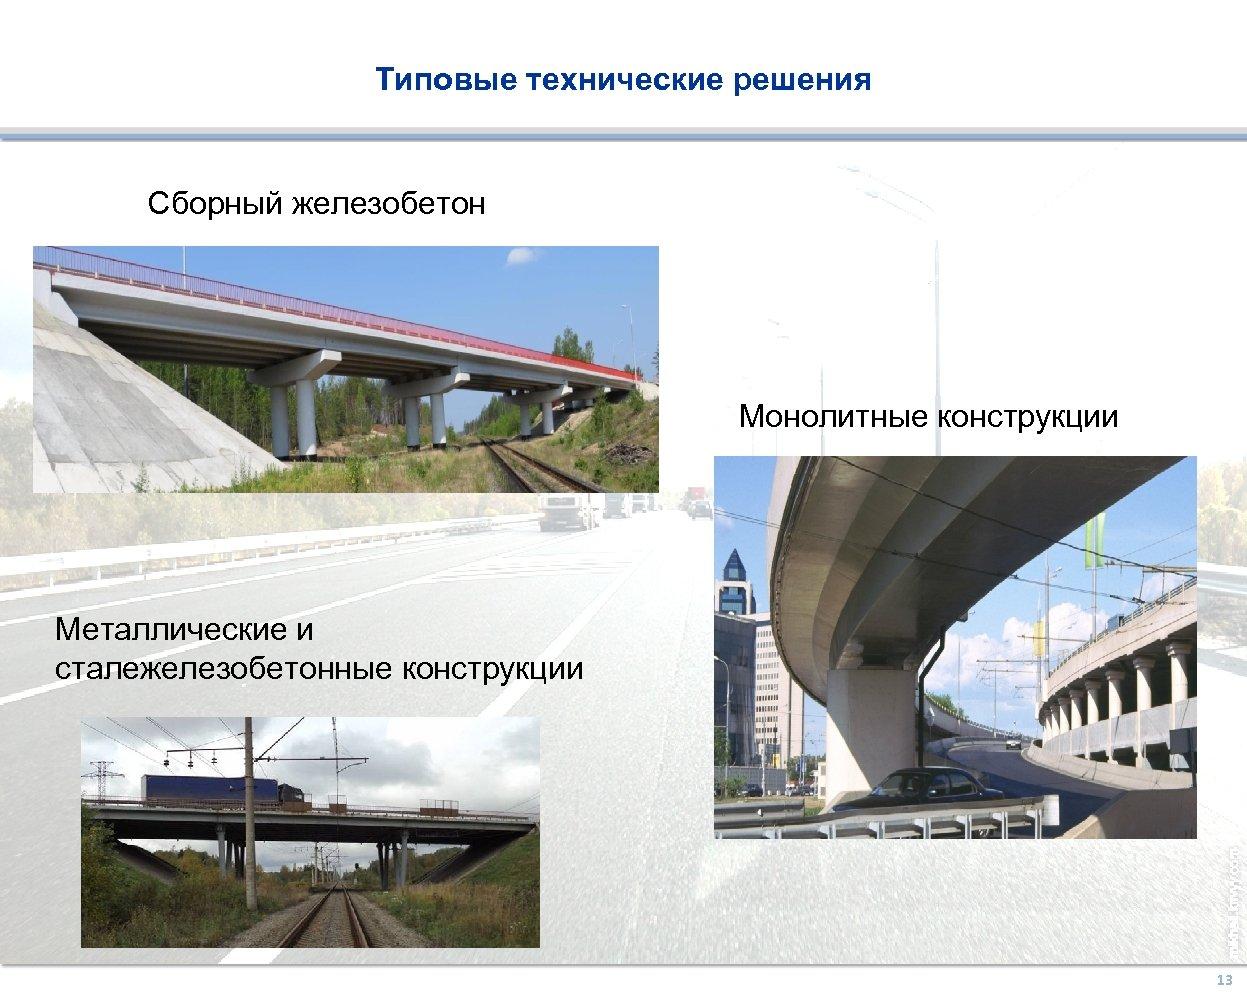 Типовые технические решения Сборный железобетон 1 2 Монолитные конструкции Металлические и сталежелезобетонные конструкции 13